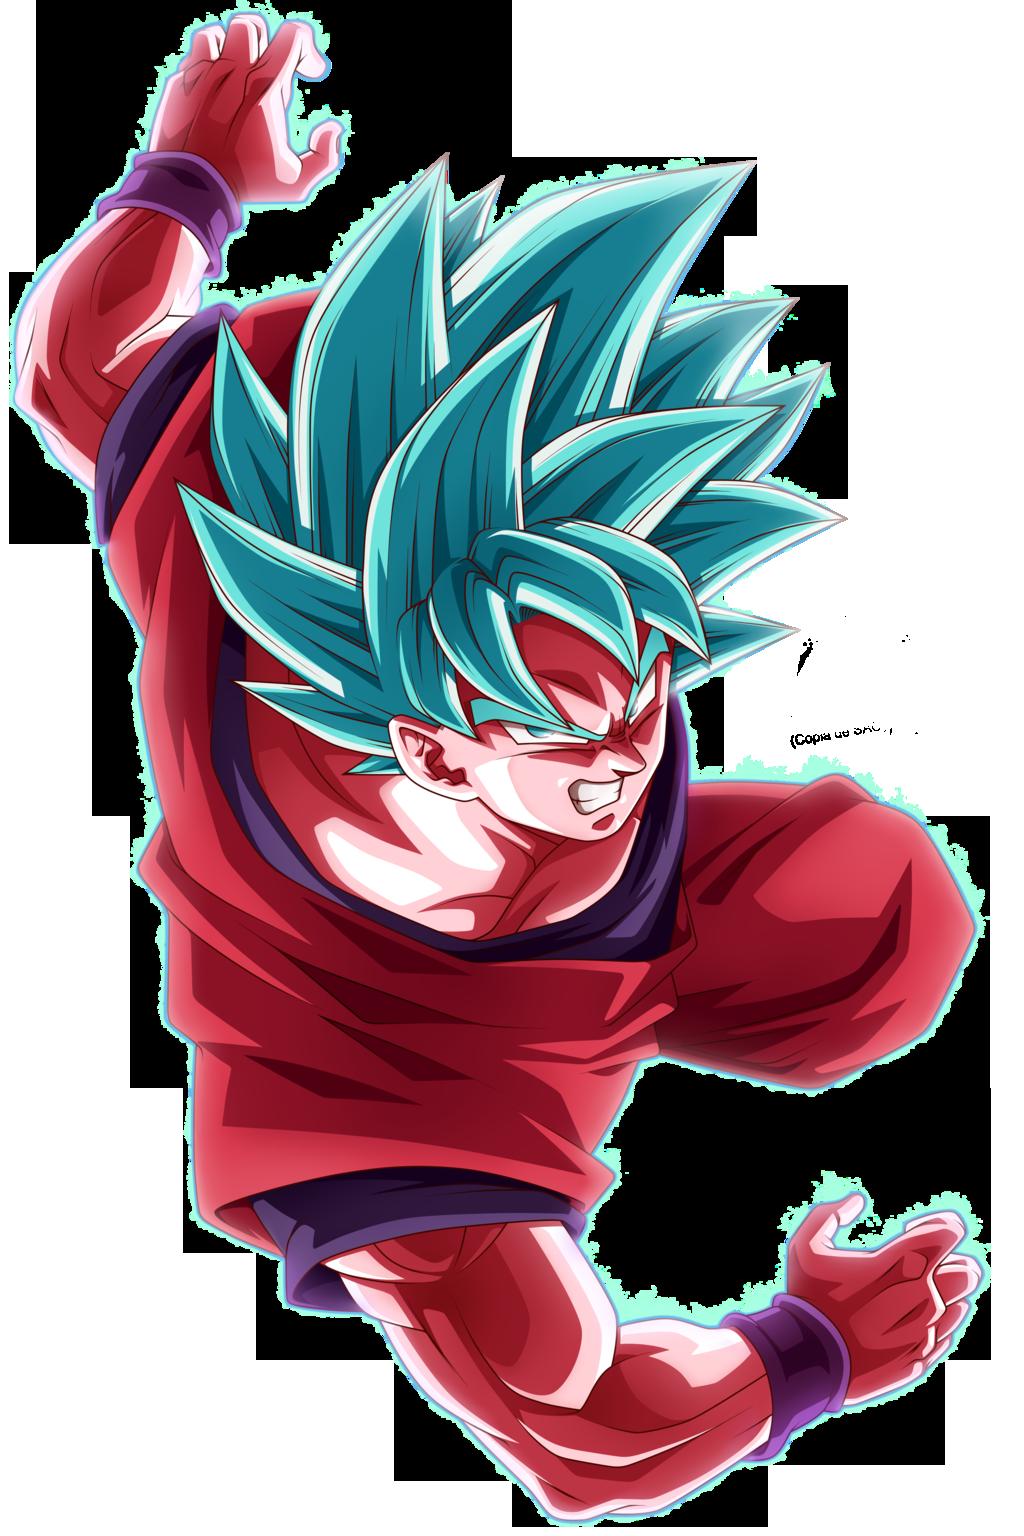 Best 37 Kaioken Wallpaper on HipWallpaper Goku Kaioken 1024x1536